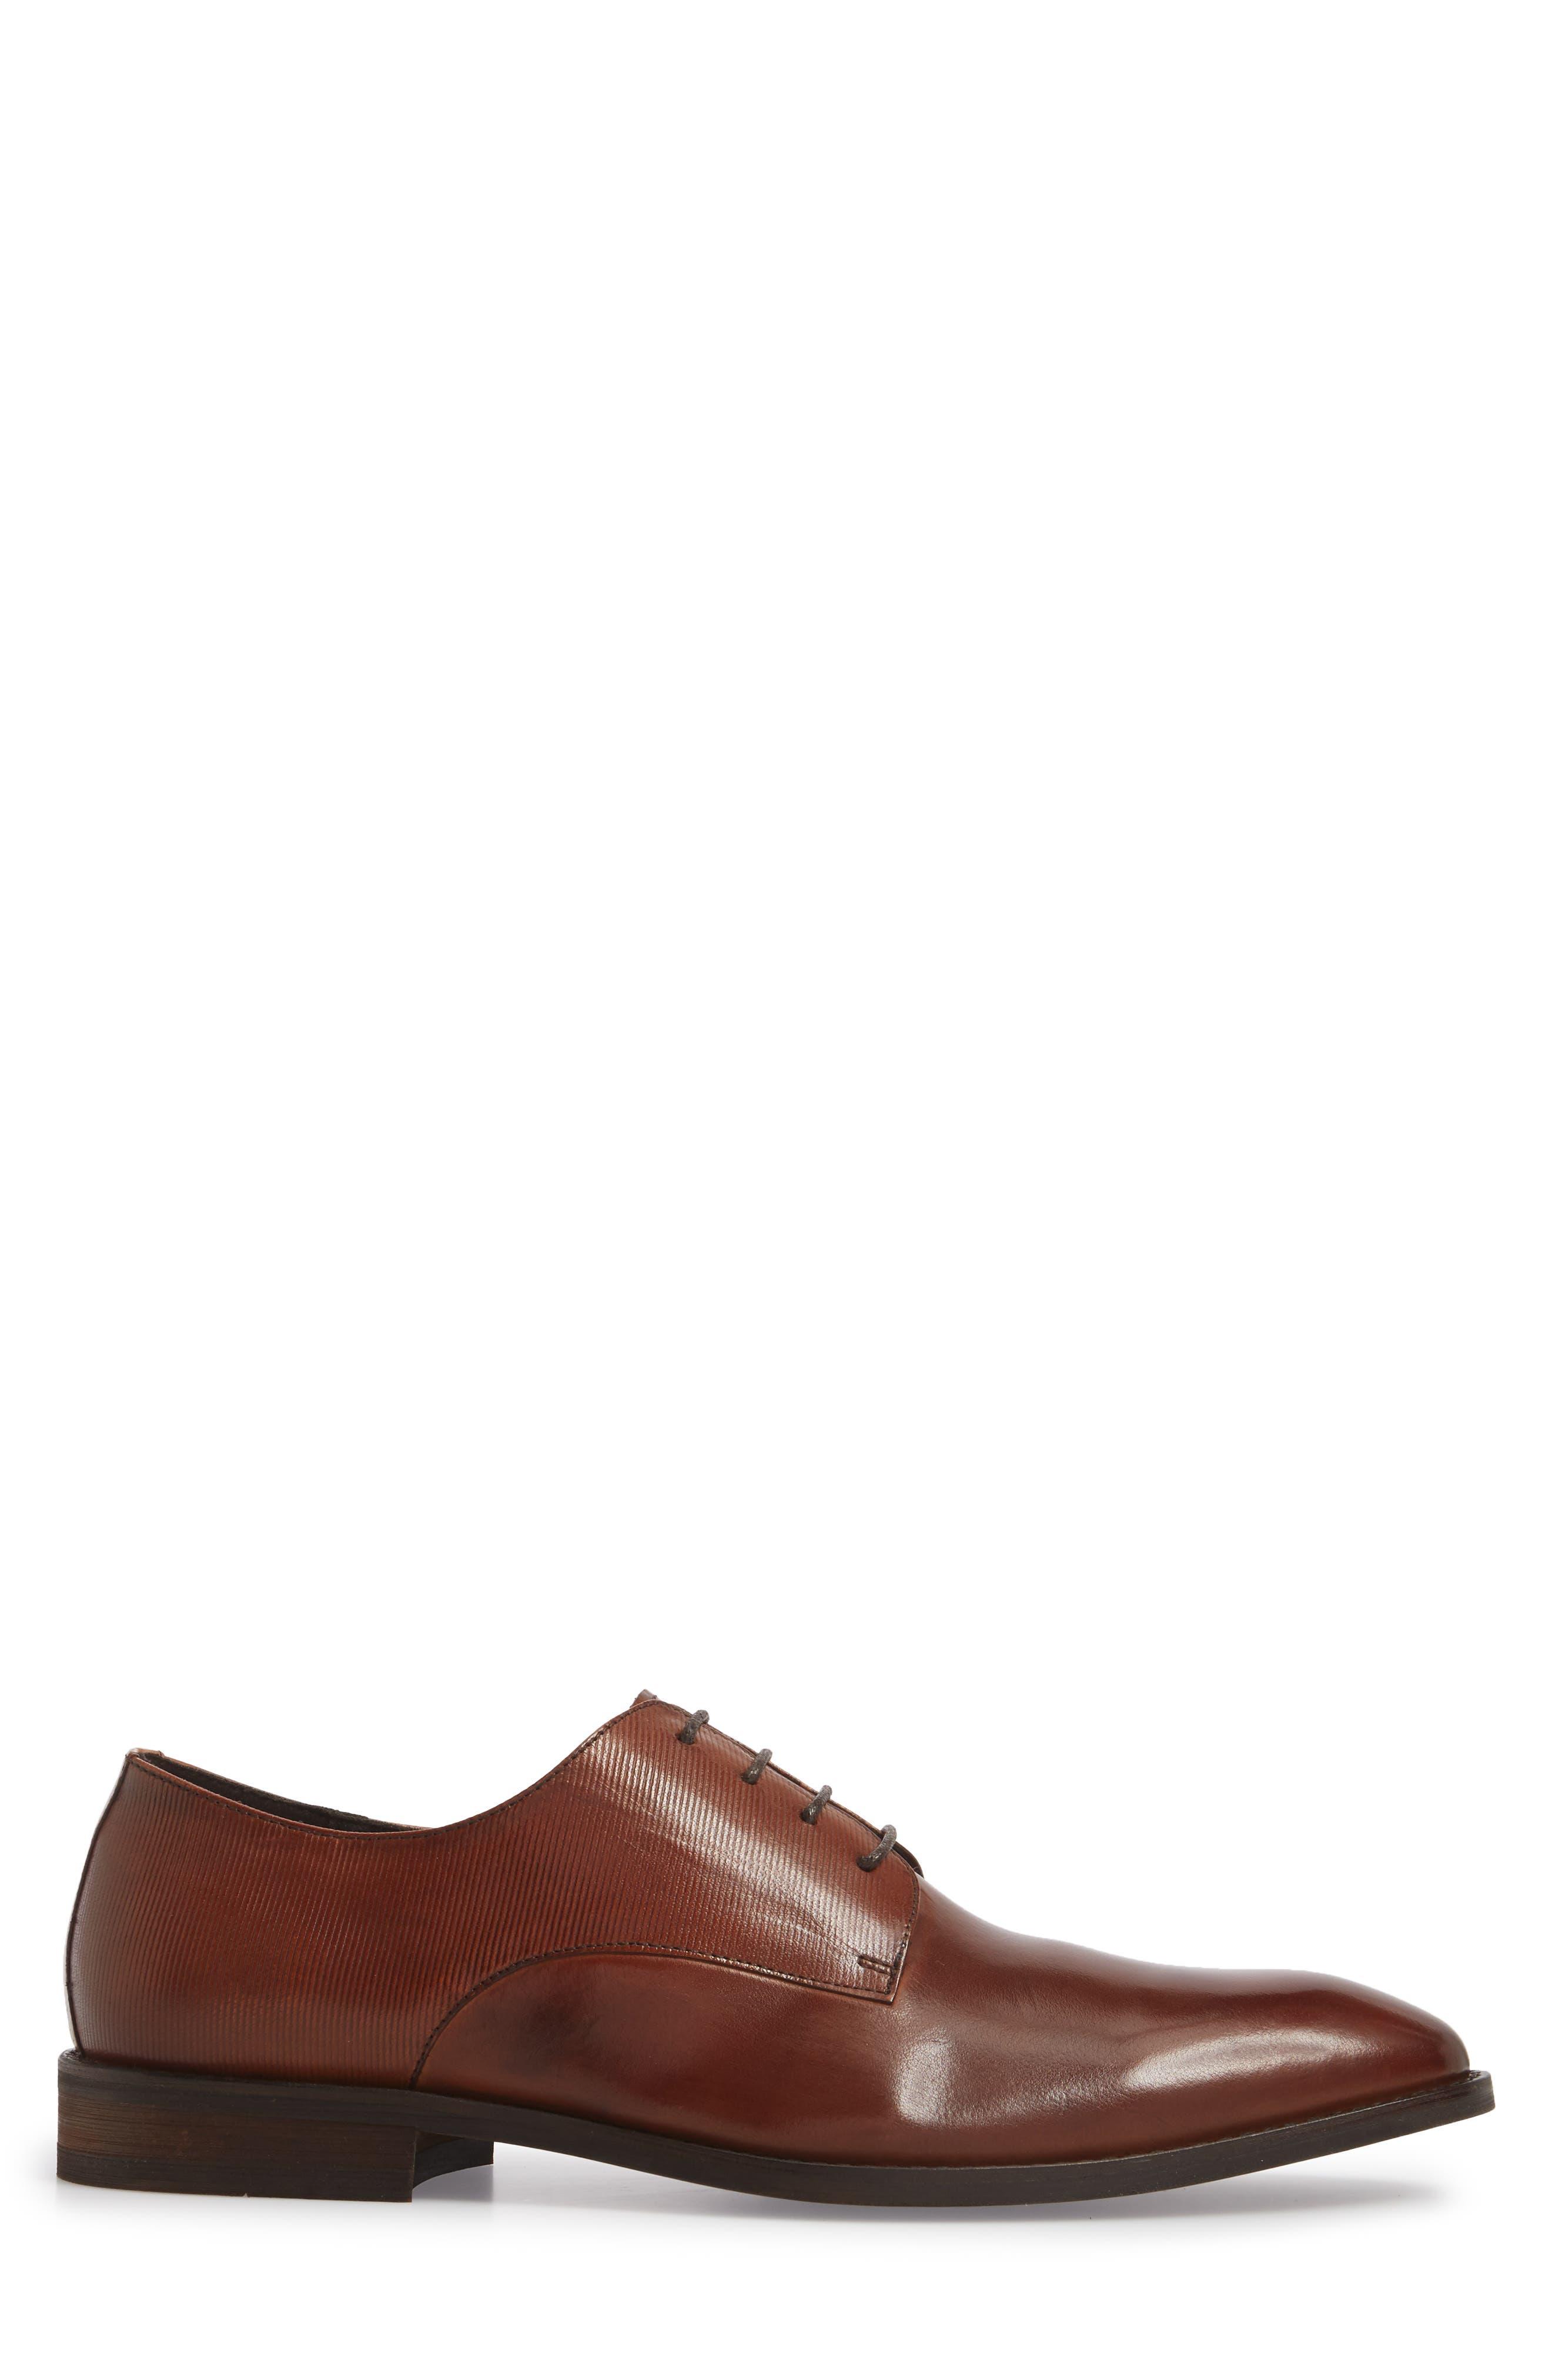 Courage Plain Toe Derby,                             Alternate thumbnail 3, color,                             Cognac Leather